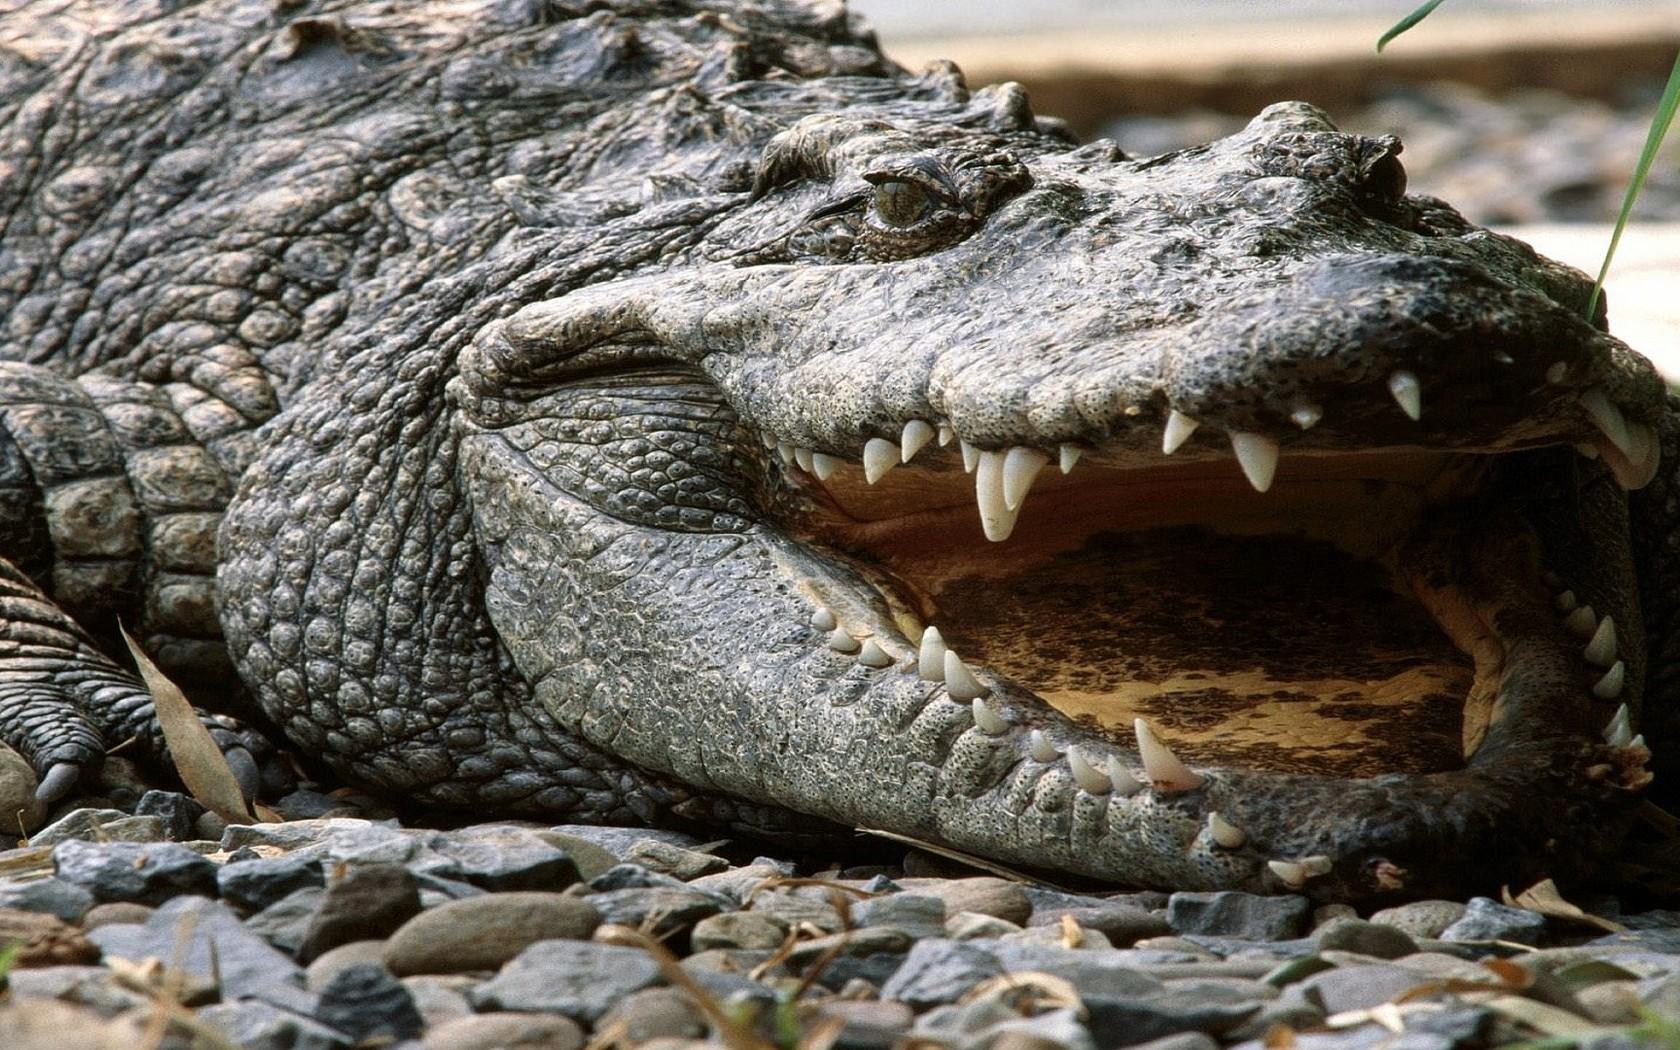 Crocodile wallpaper 12122 1680x1050